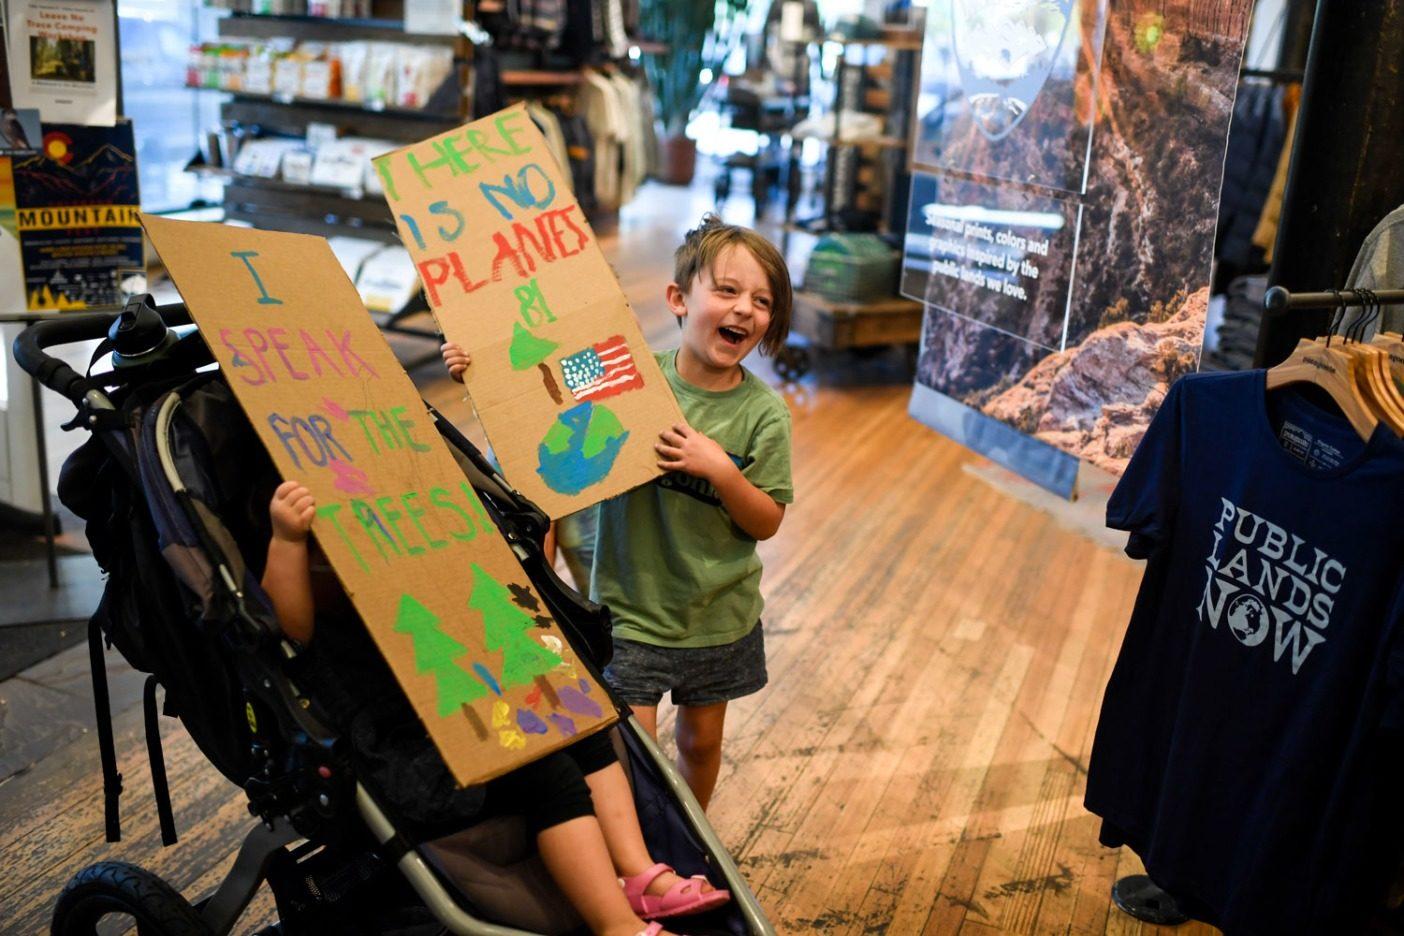 私たちの惑星の未来のために闘いながら大笑いする。これらのとても若い活動家たちは9月20日にデンバーでのストライキのために準備中。Photo: Aaron Ontiveroz